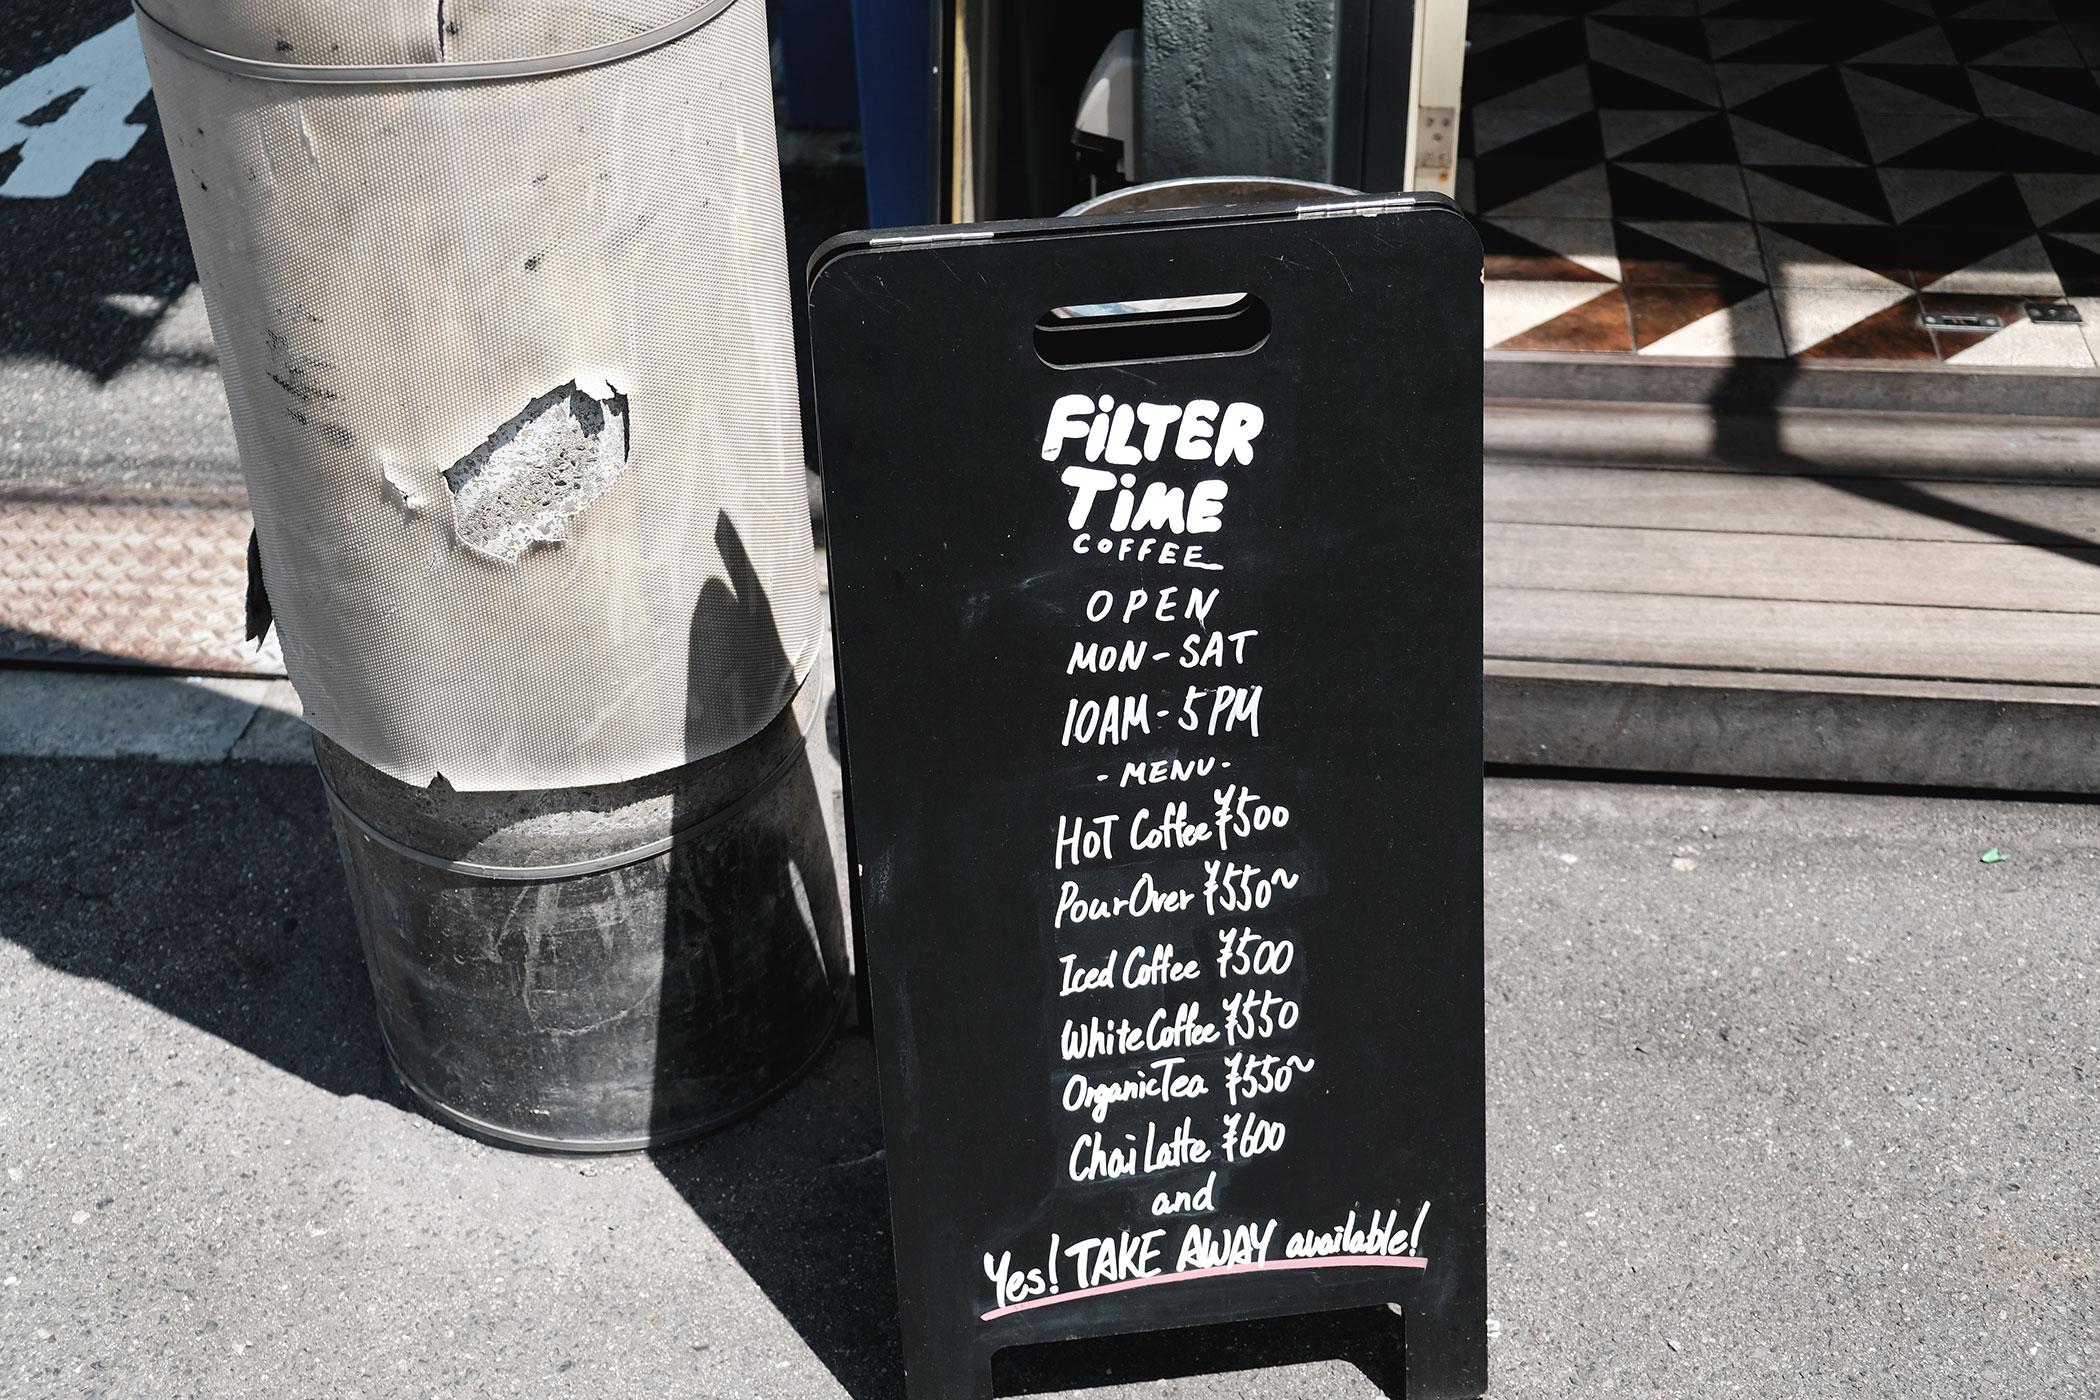 Filter Time 北浜で異彩を放つイケてるコーヒースタンド 看板